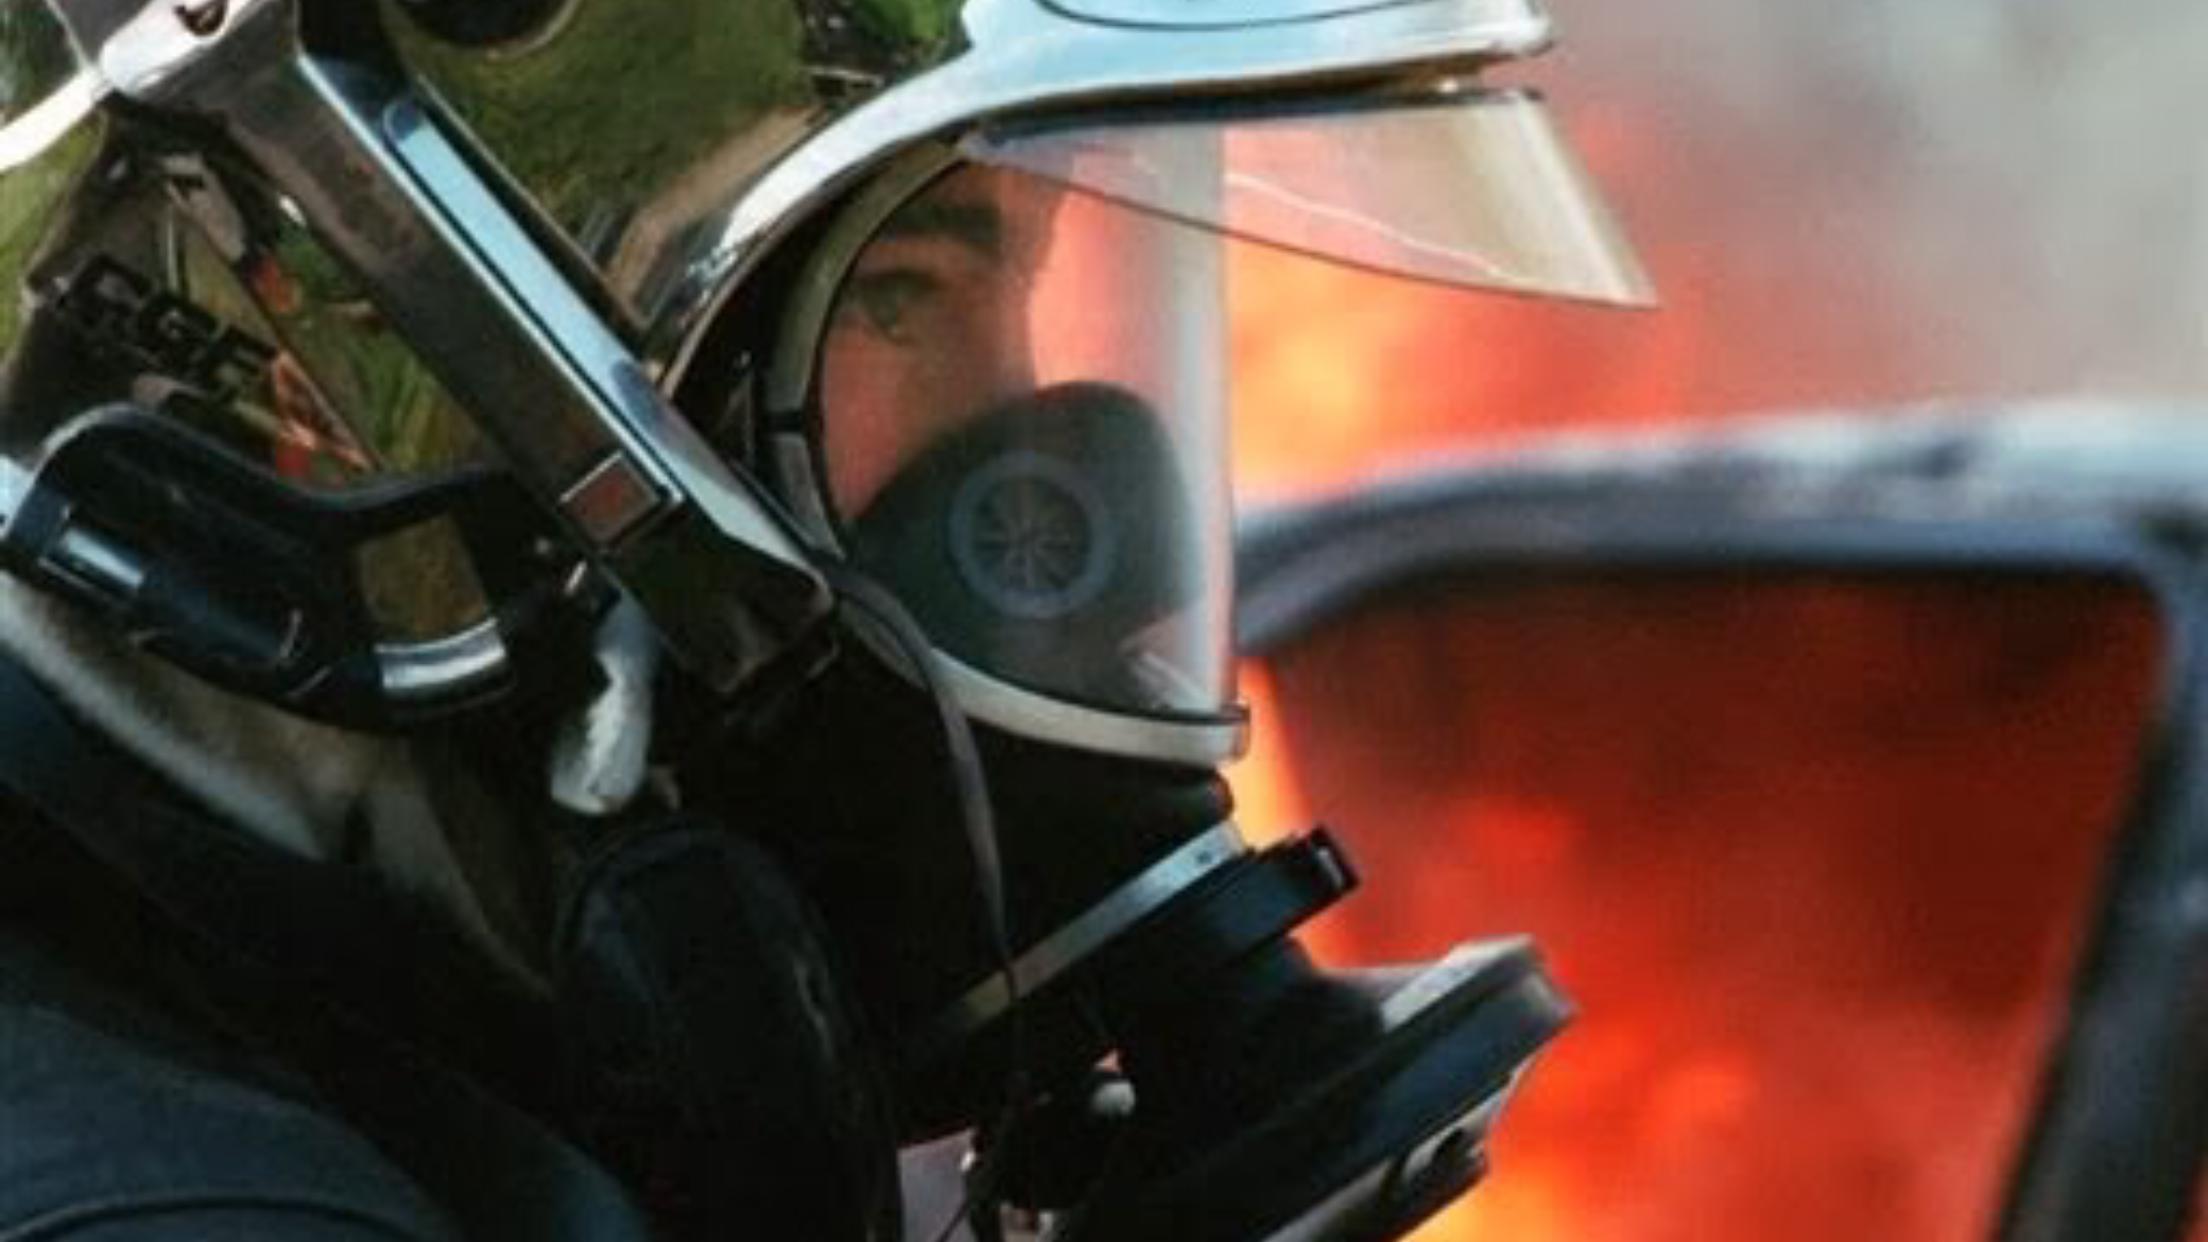 Soixante sapeurs-pompiers ont été mobilisés sur cette intervention (Illustration)